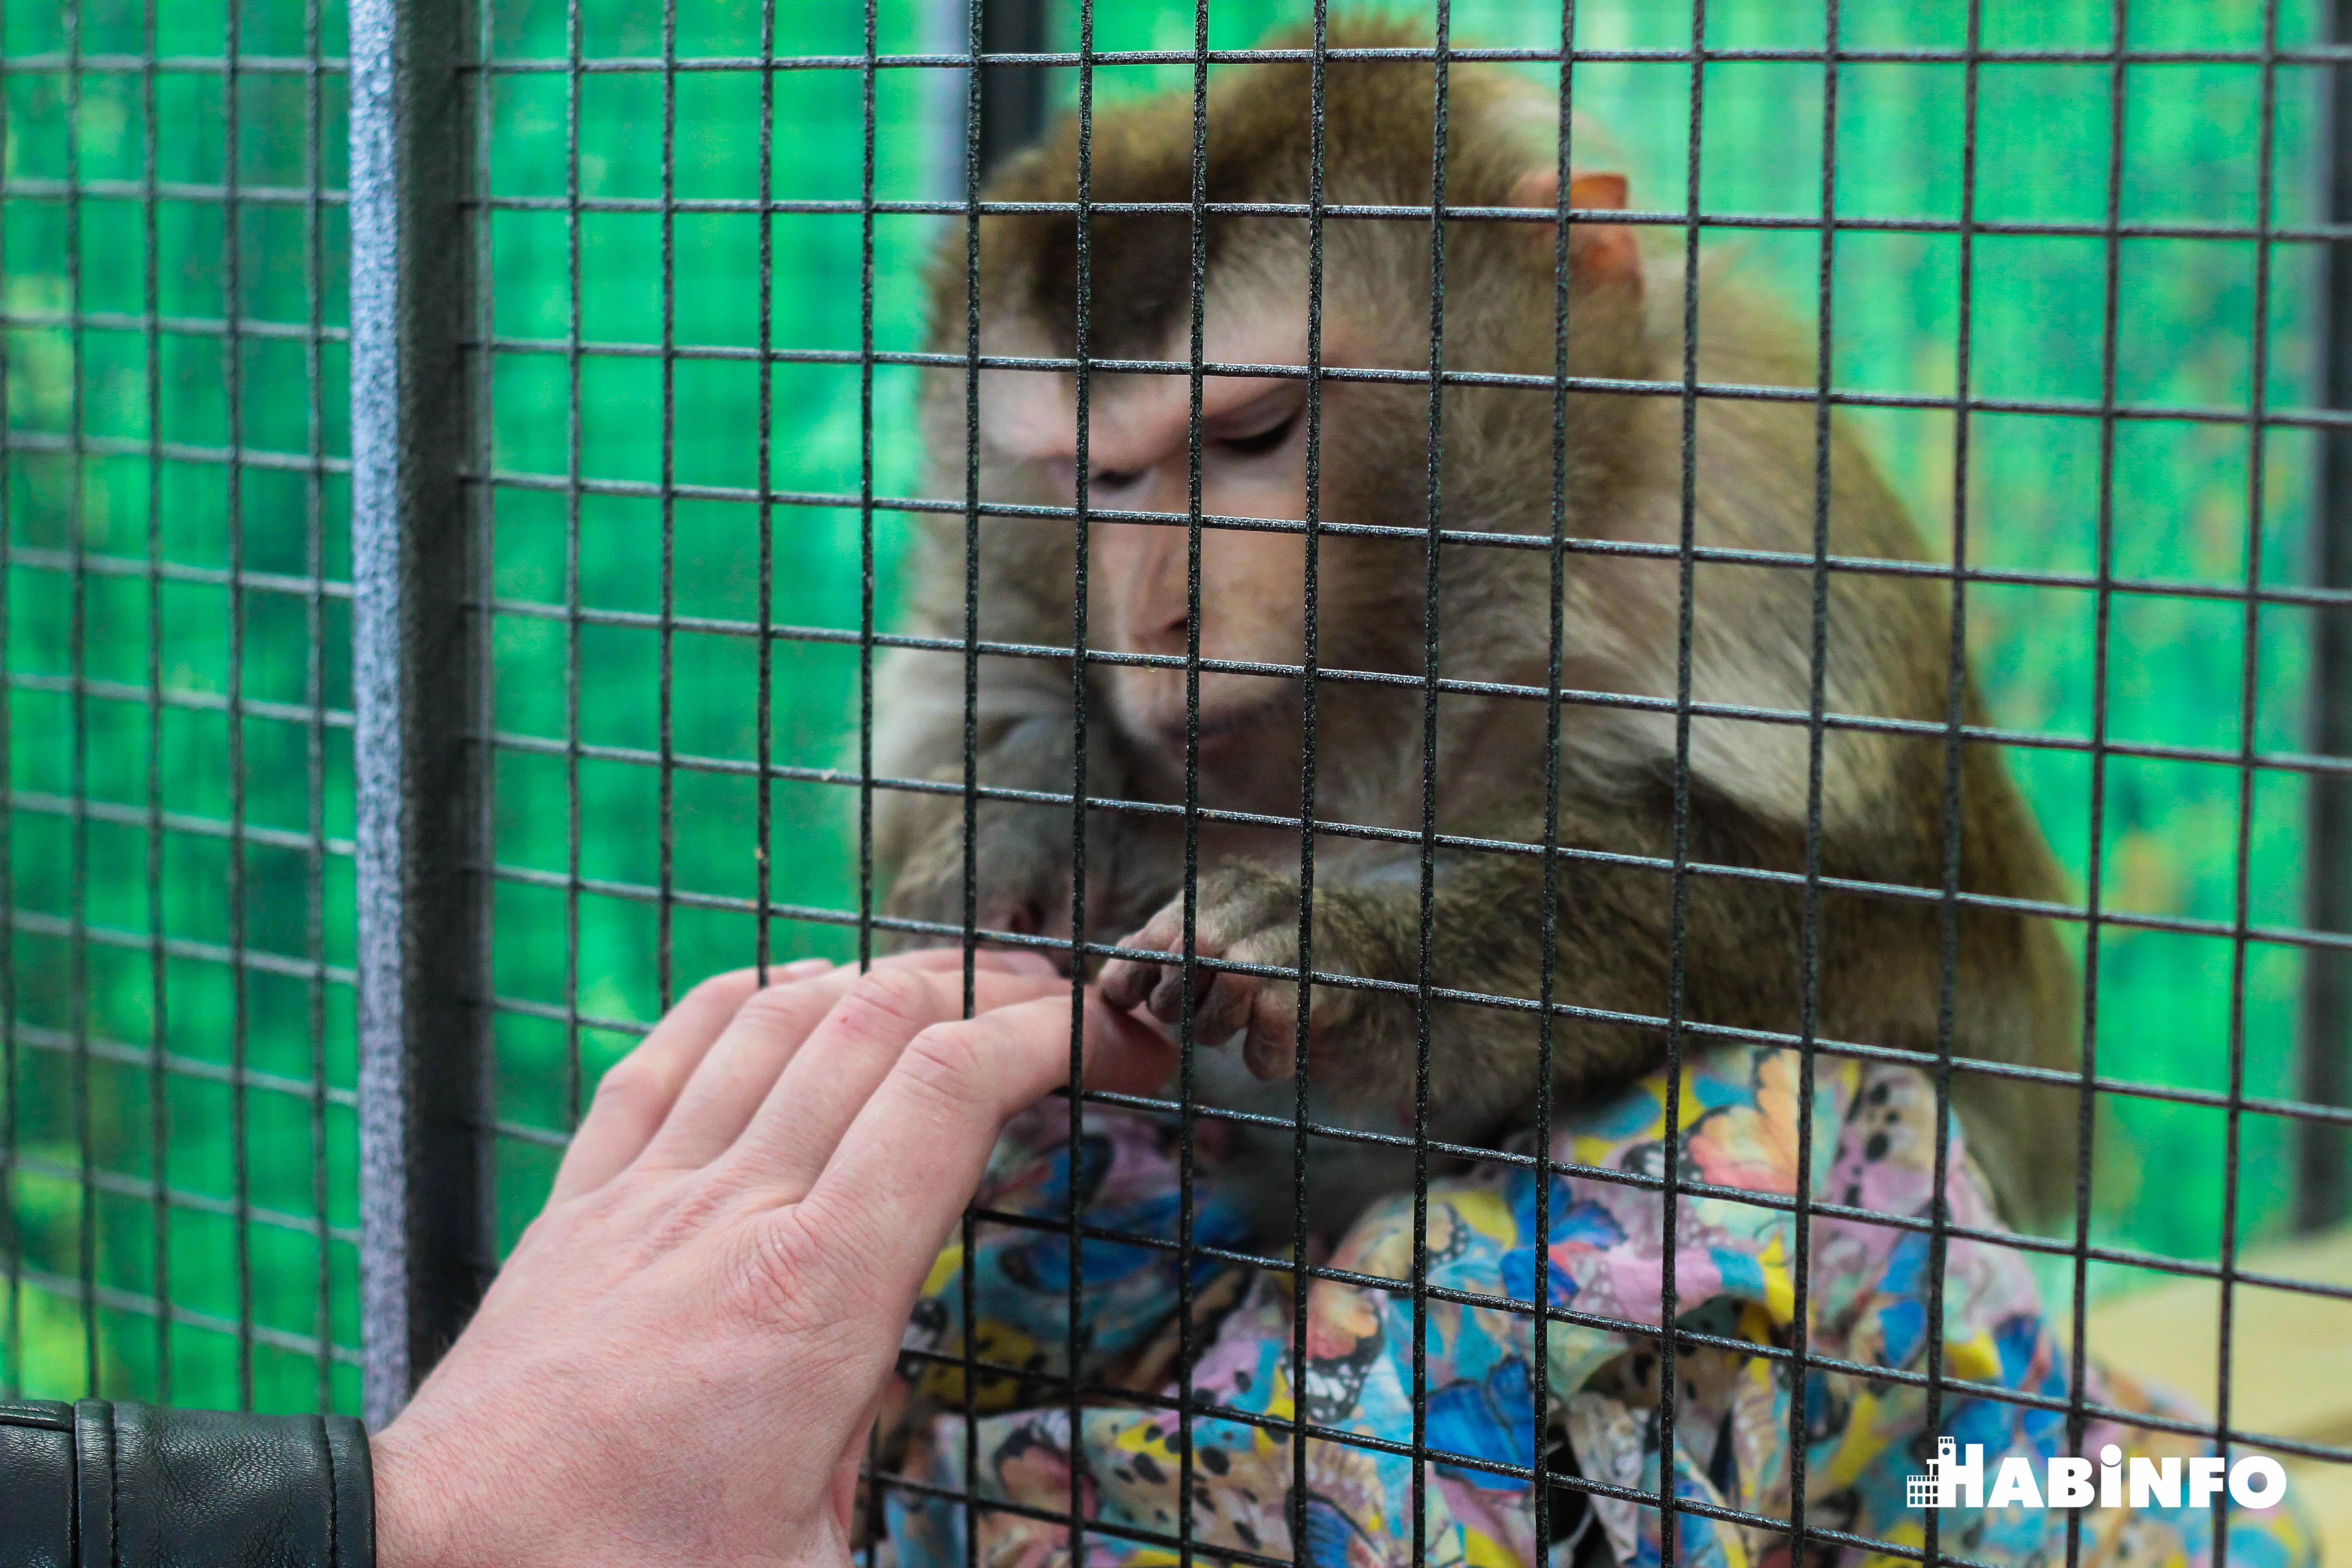 Выставка обезьян в Хабаровске: 15 видов приматов в одном месте (ФОТОРЕПОРТАЖ)